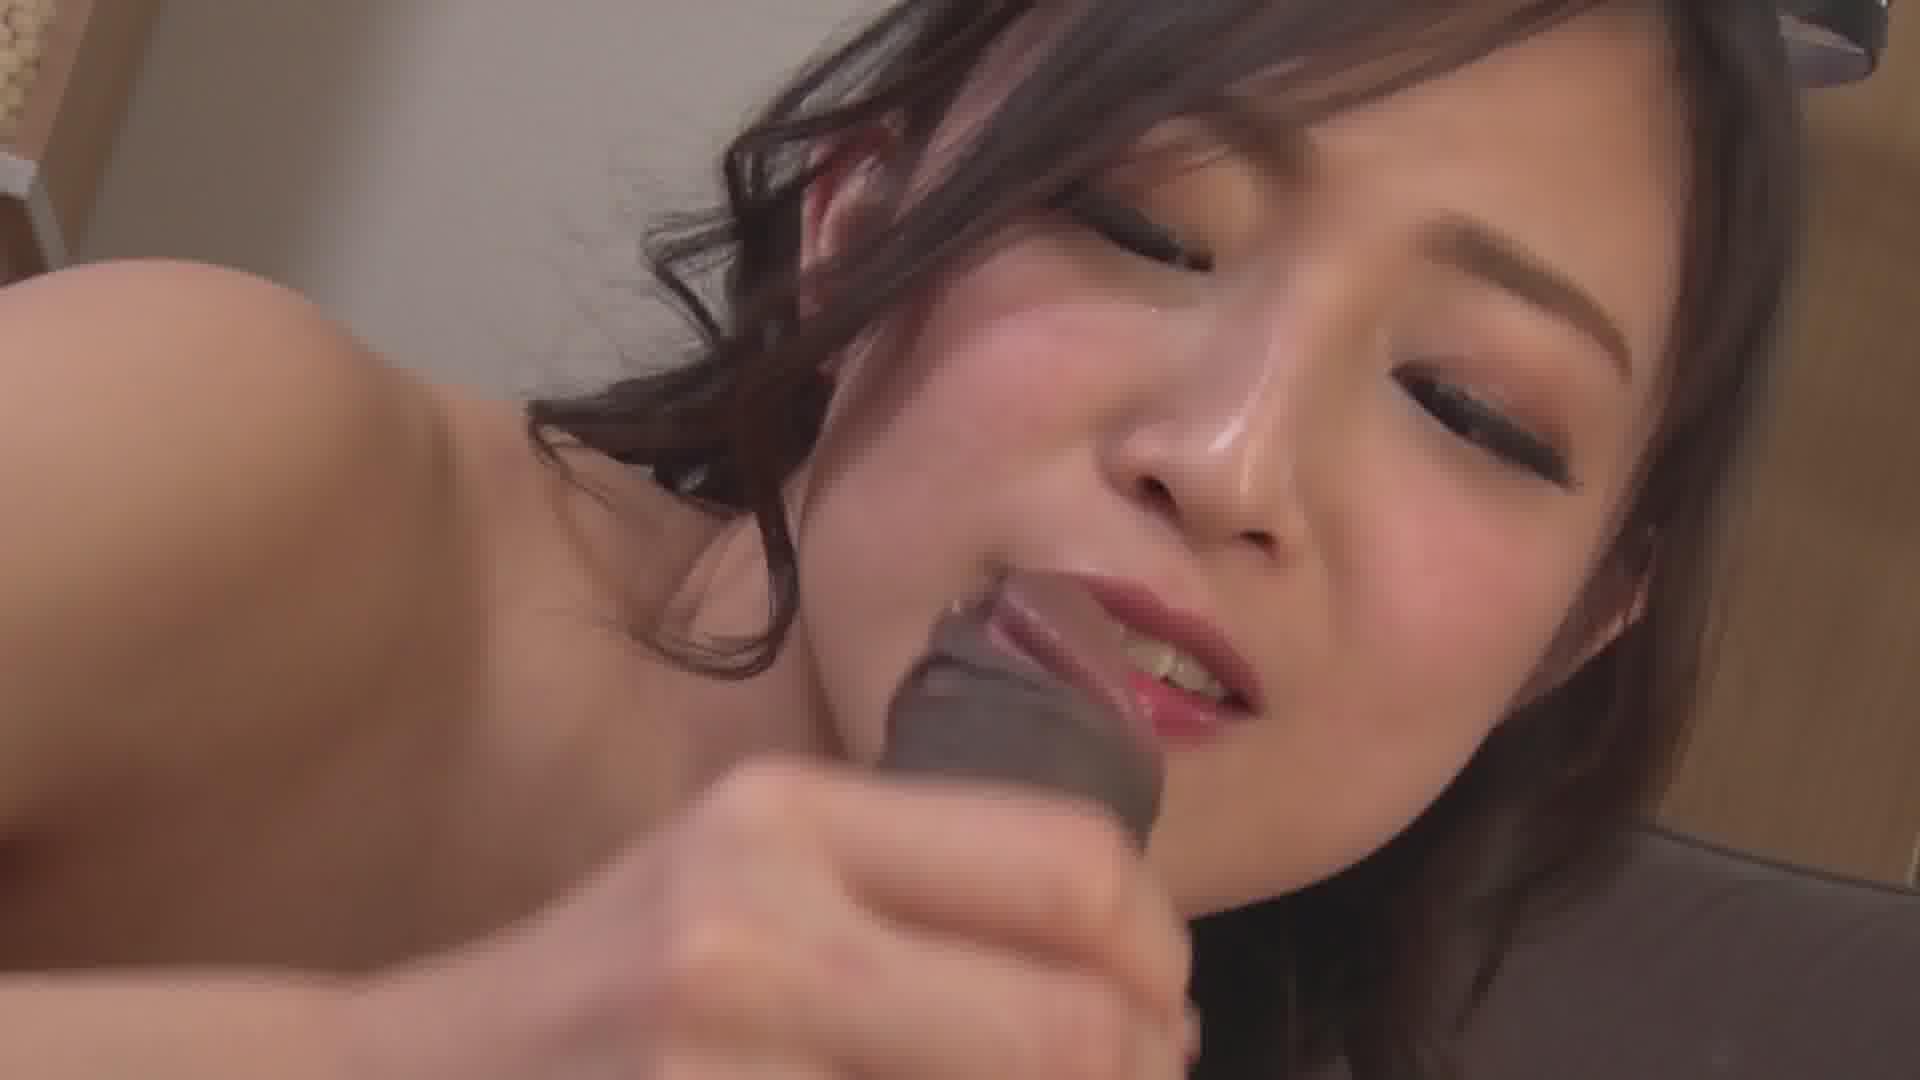 私のセックスを見てください!い~っぱい顔面射精してください!3 - 日高千晶【痴女・顔射・中出し】